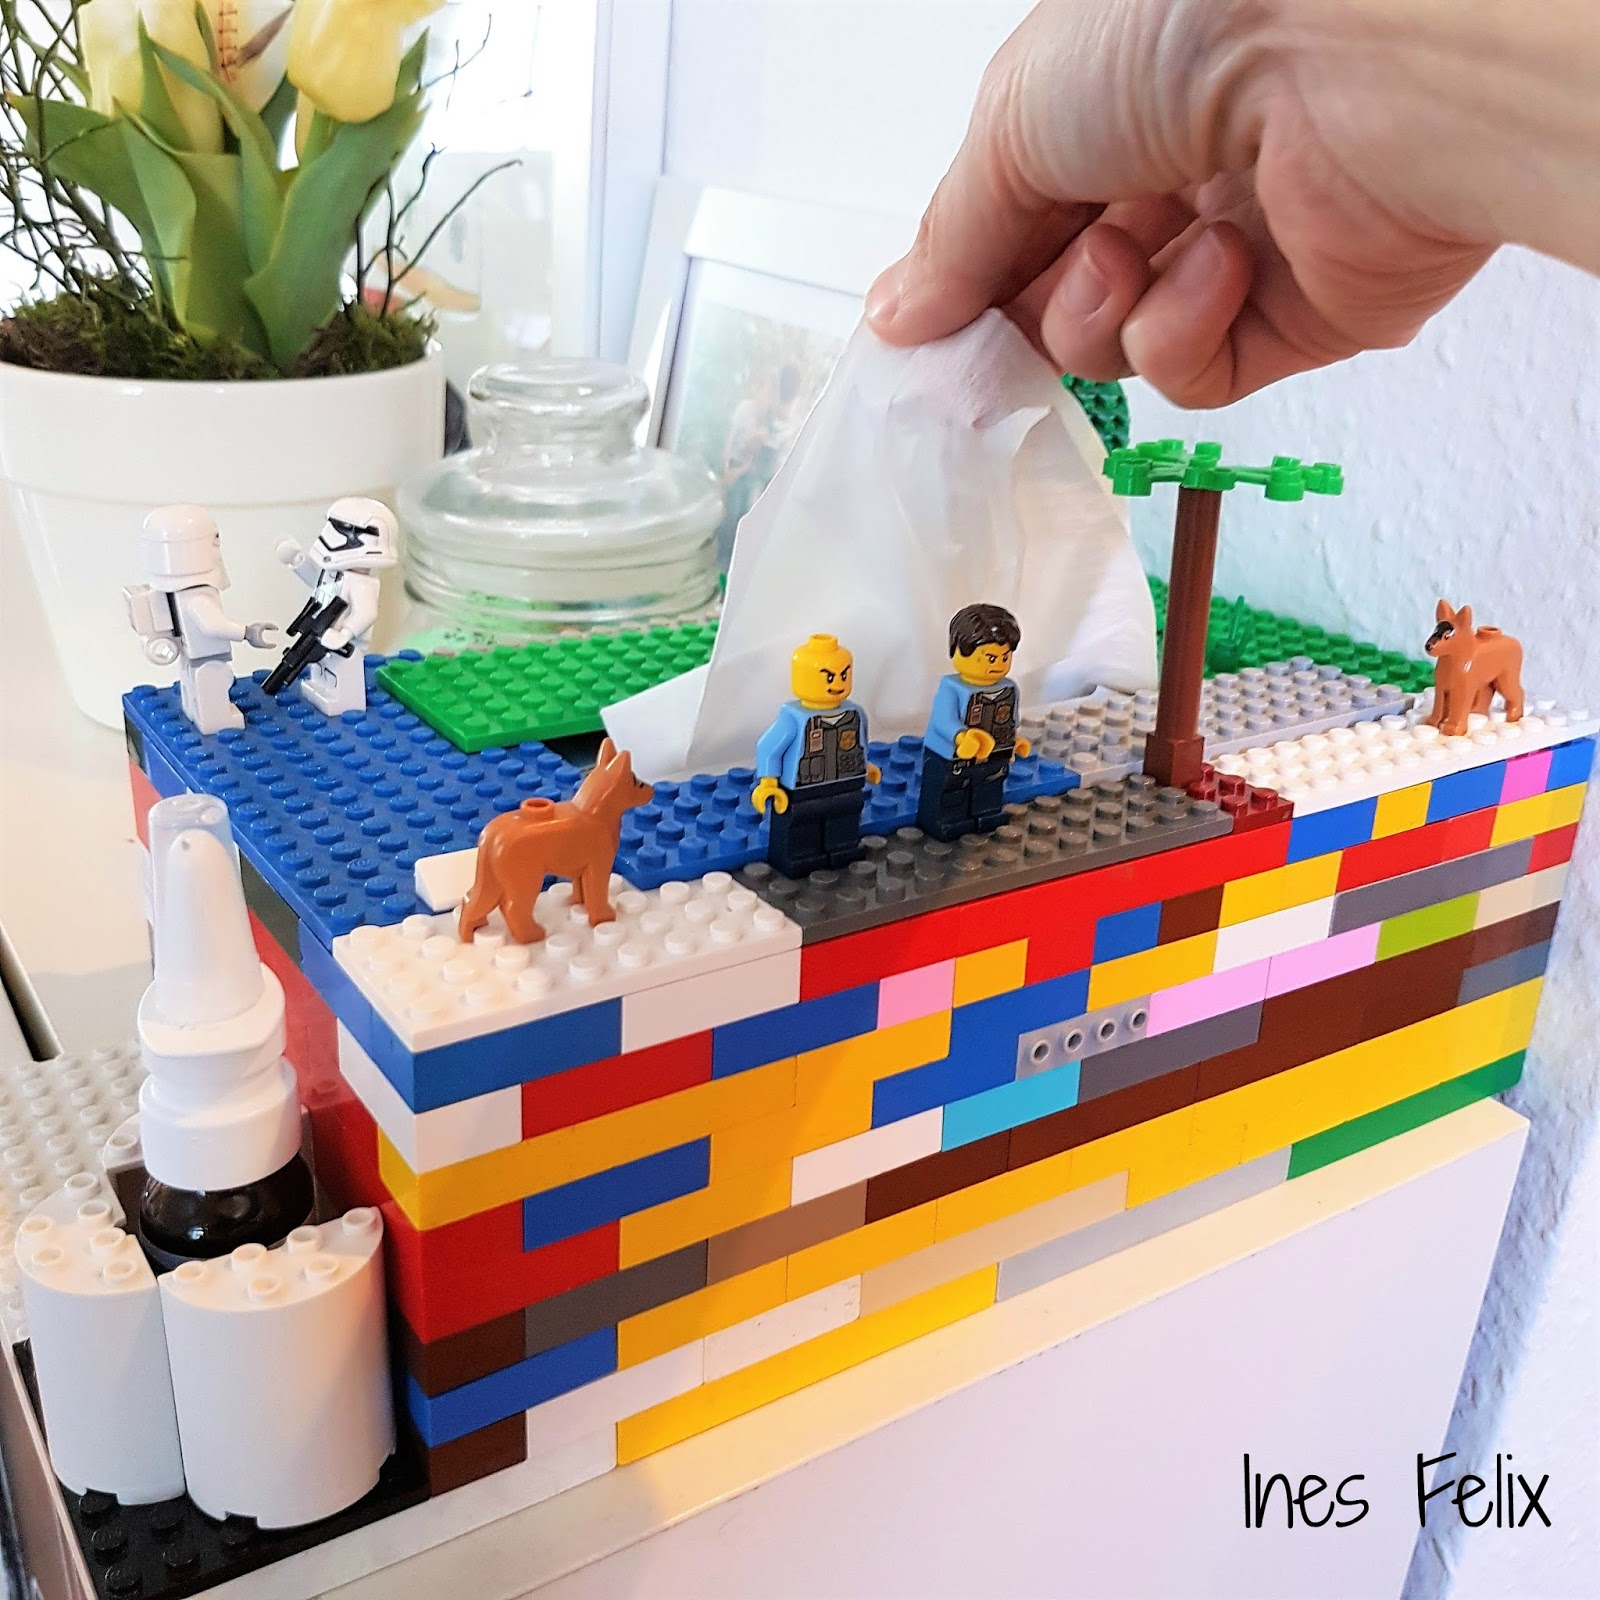 ines felix kreatives zum nachmachen lego taschentuchbox. Black Bedroom Furniture Sets. Home Design Ideas